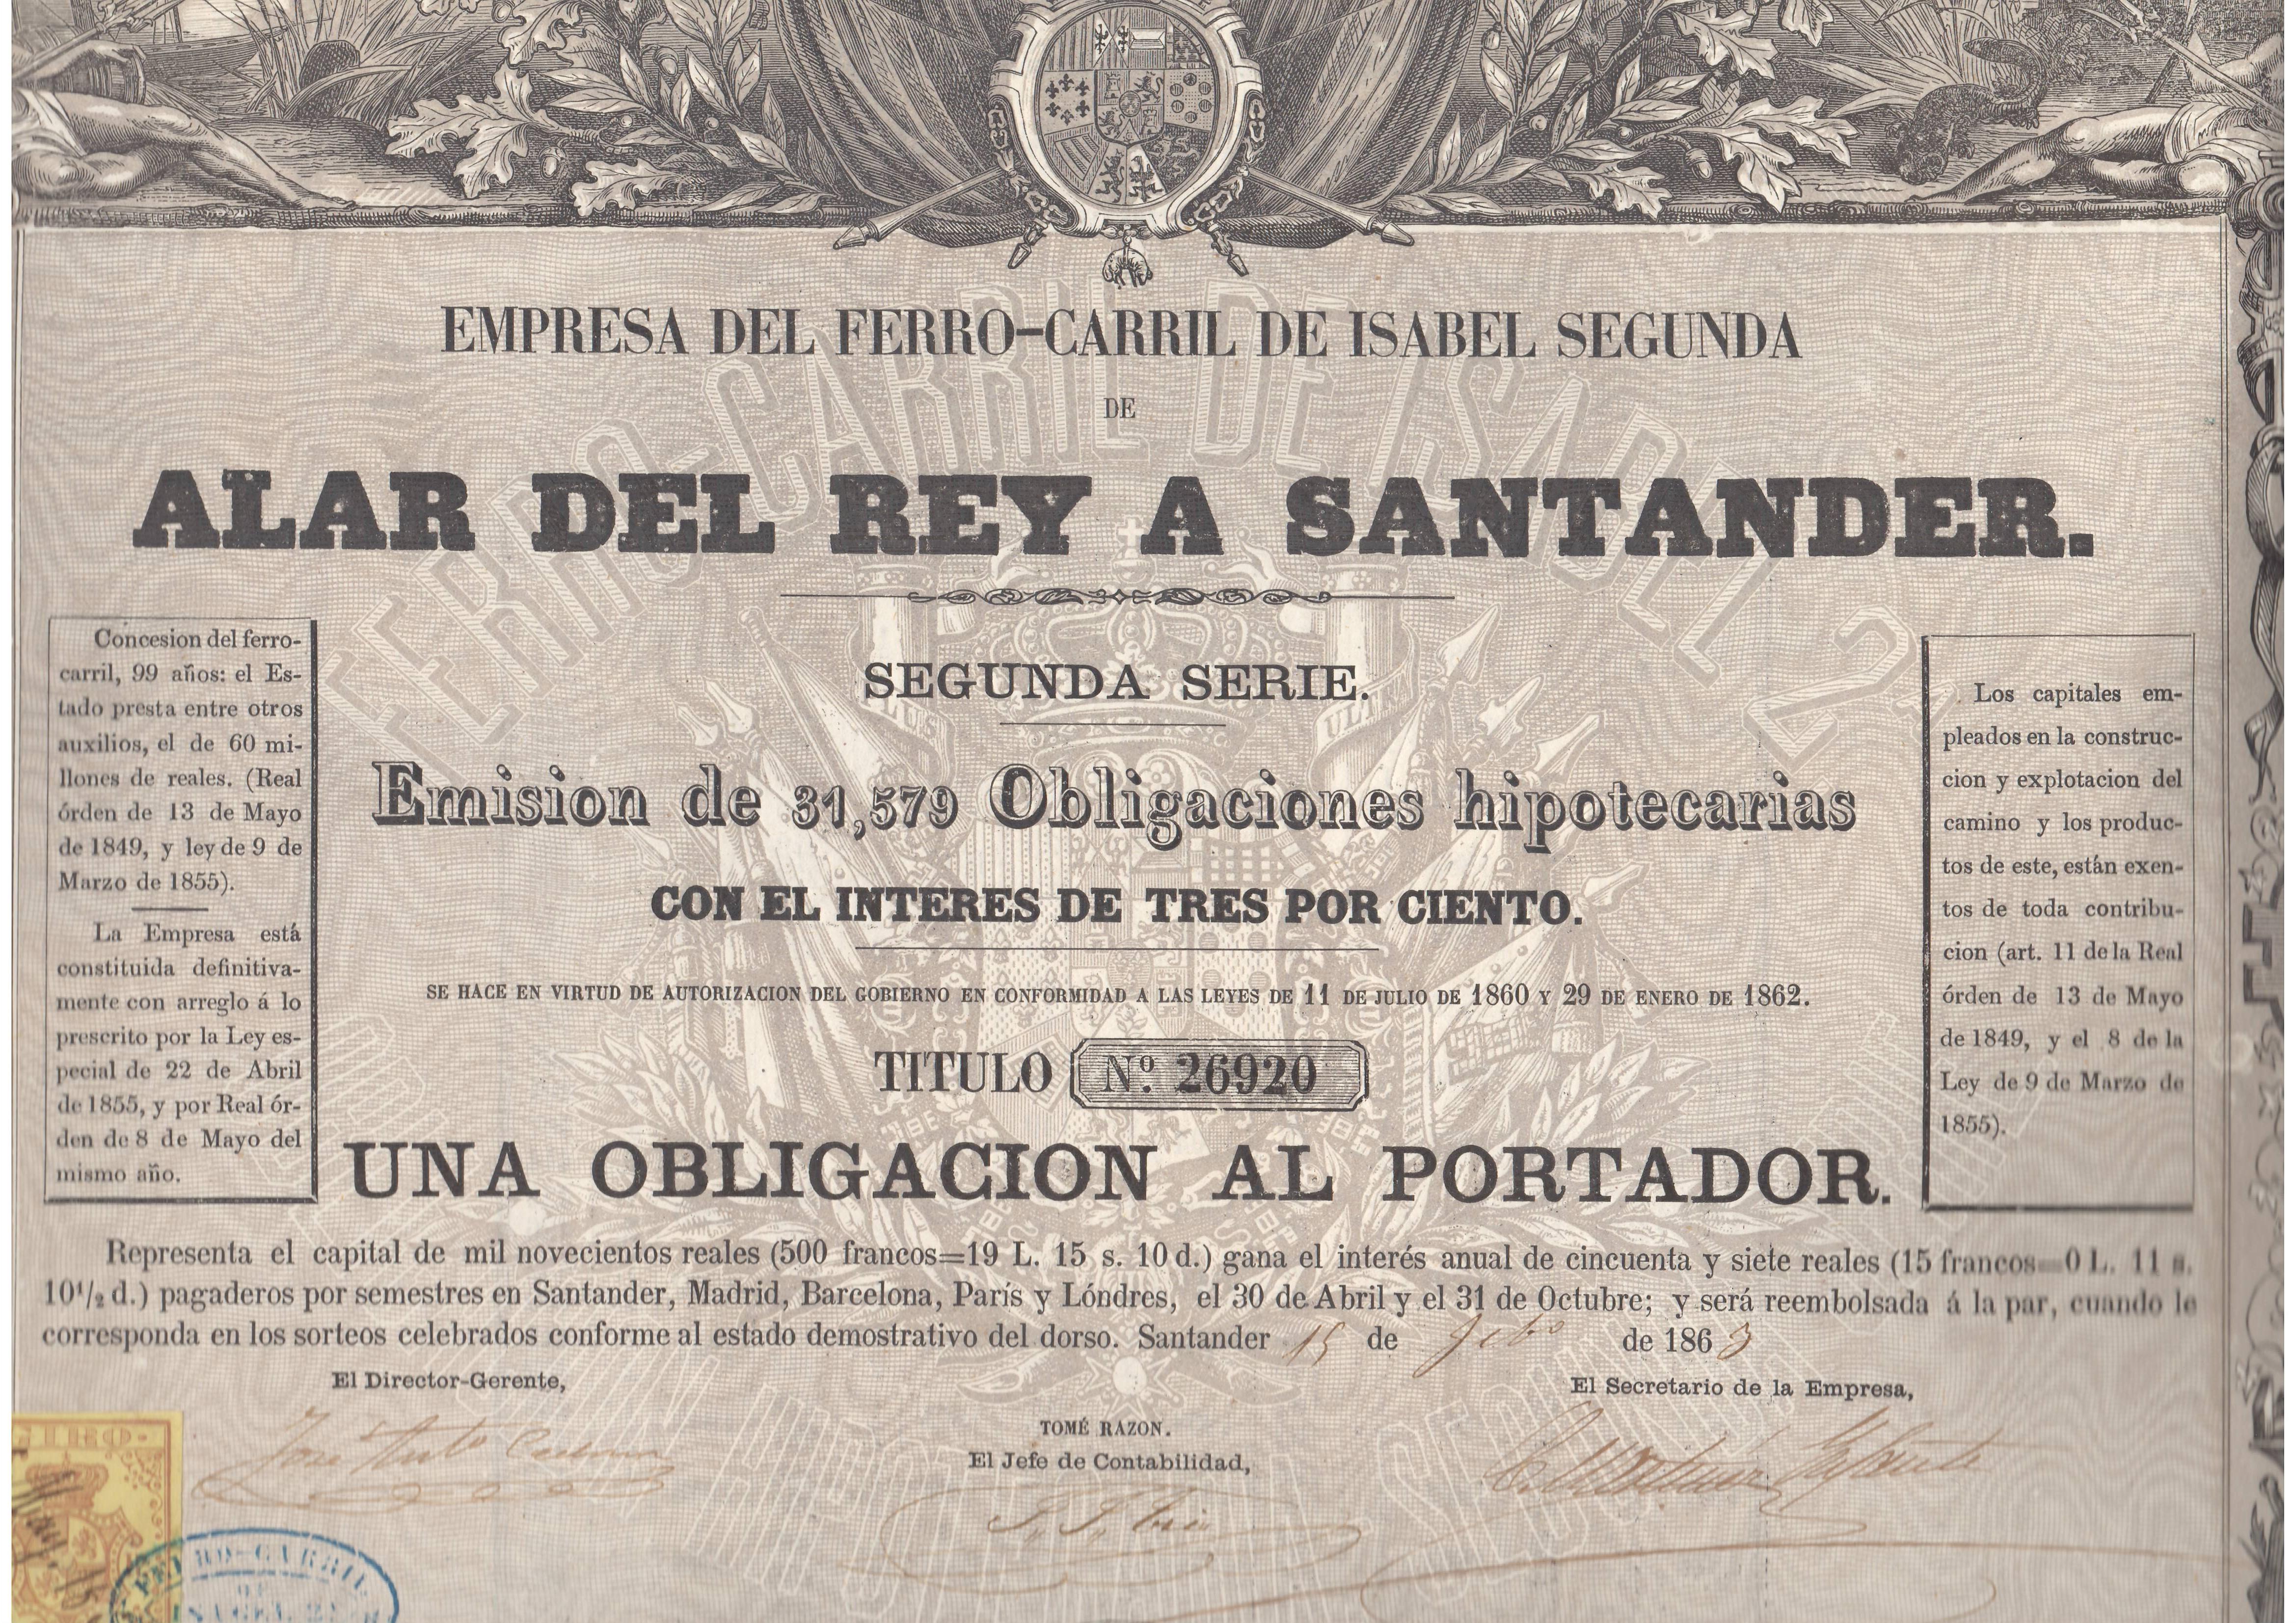 Empresa del Ferrocarril de Isabel Segunda de Alar del Rey a Santander